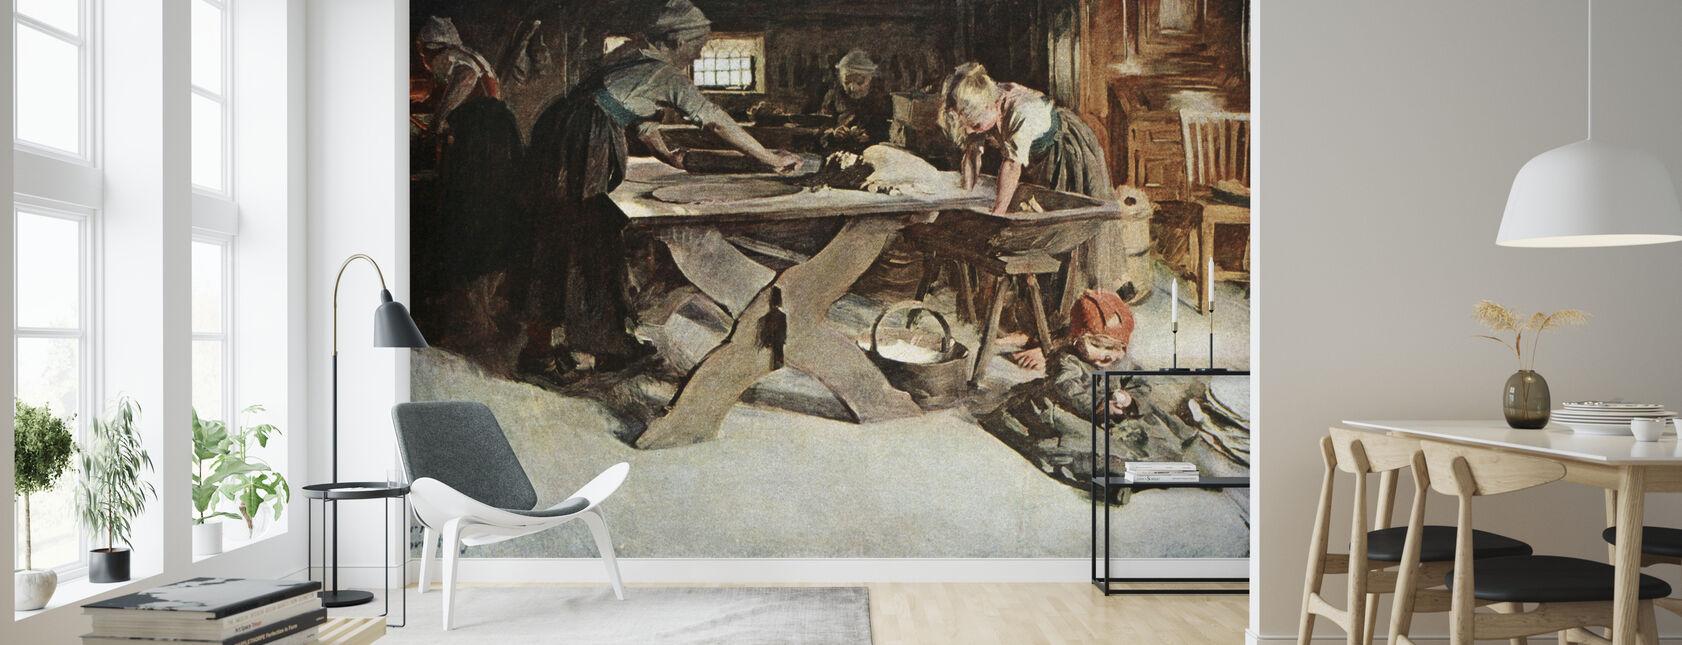 Anders Zorn - Bakningen - Wallpaper - Living Room